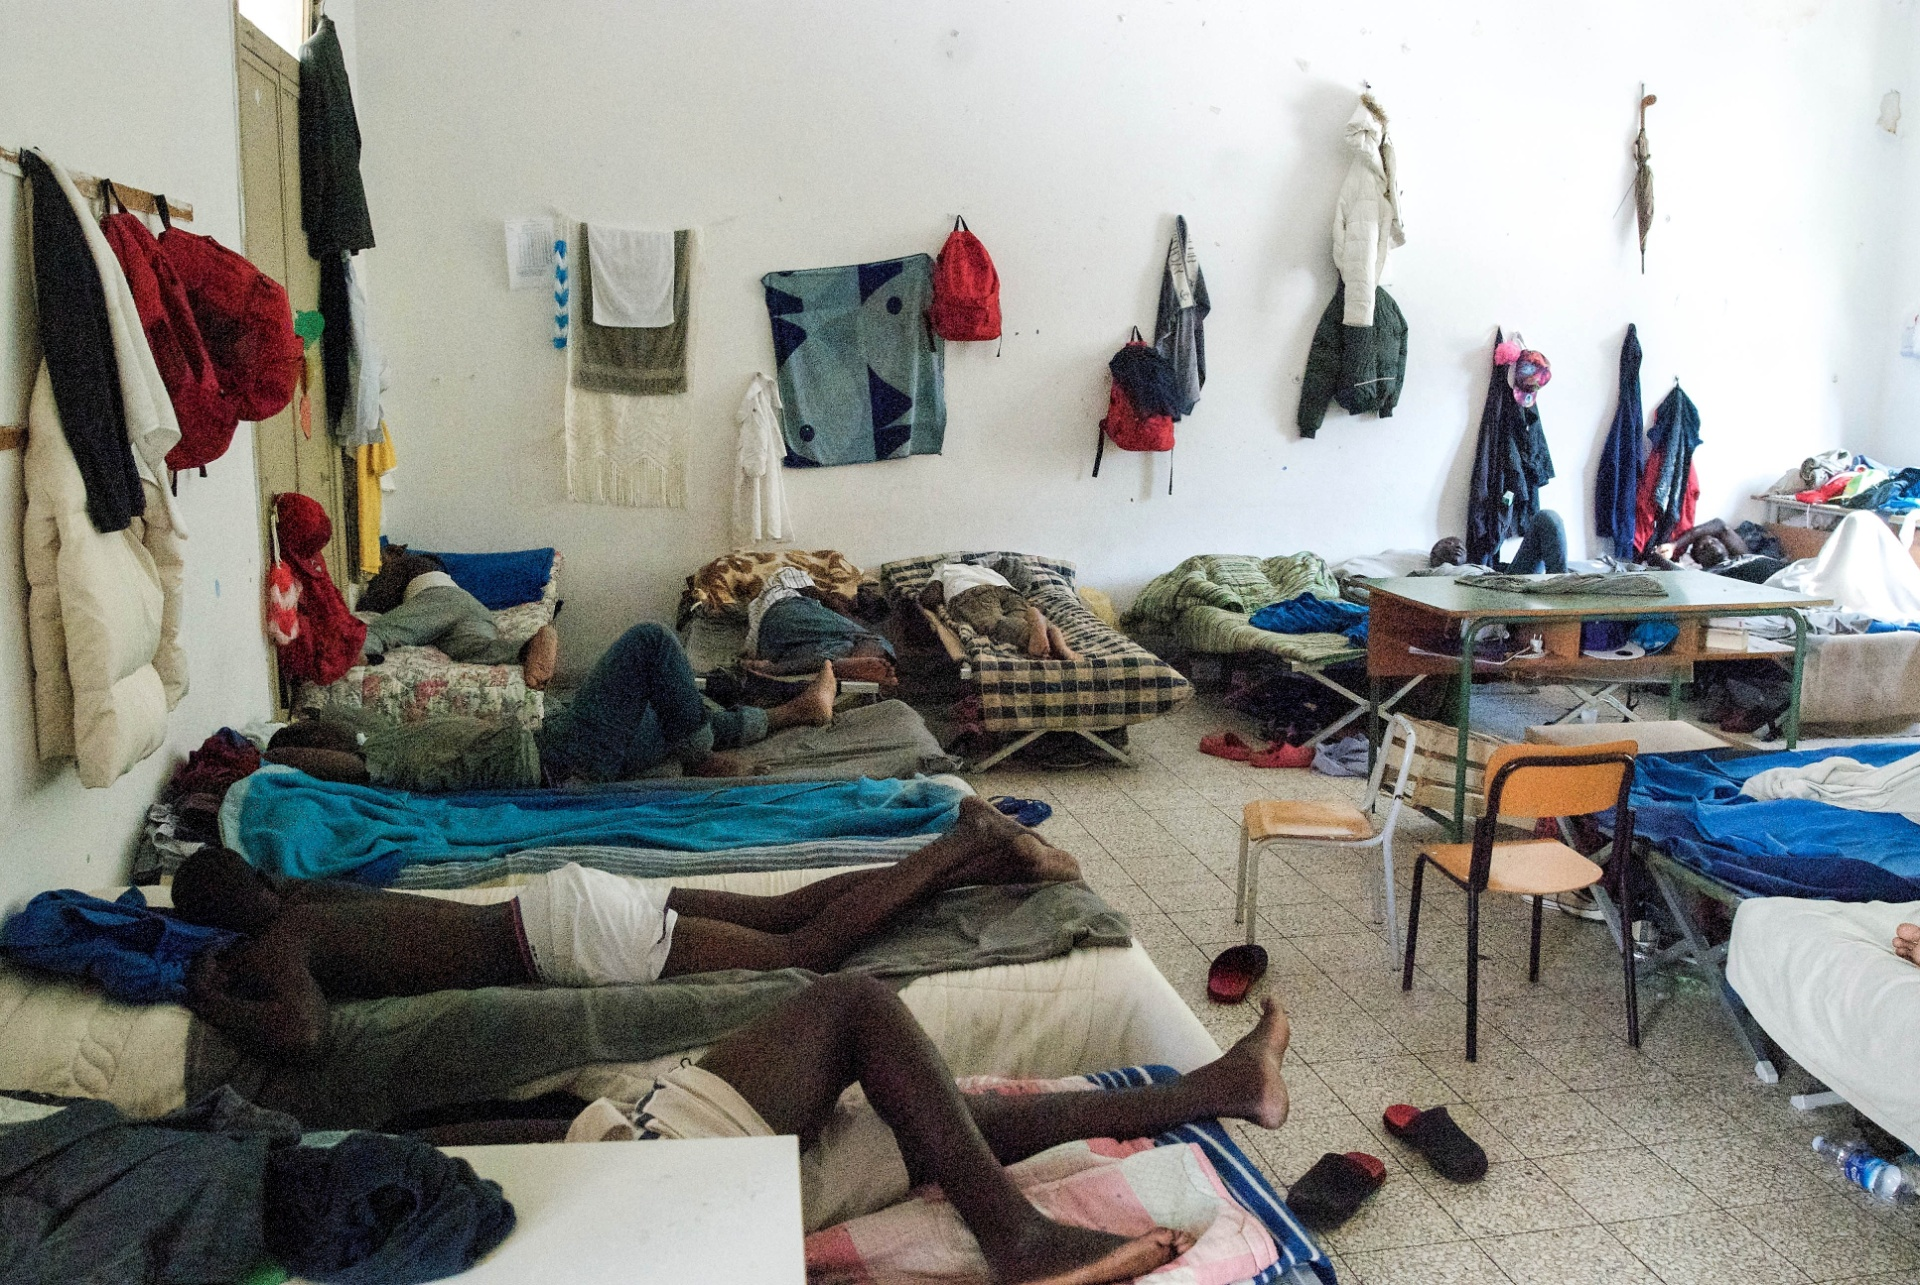 2.out.2015 - Refugiados são alocados em abrigo para migrantes em Augusta, na Sicília, Itália. Em questão de meses, os recém-chegados podem passar por diversas casas de acolhida enquanto aguardam o visto de permanência